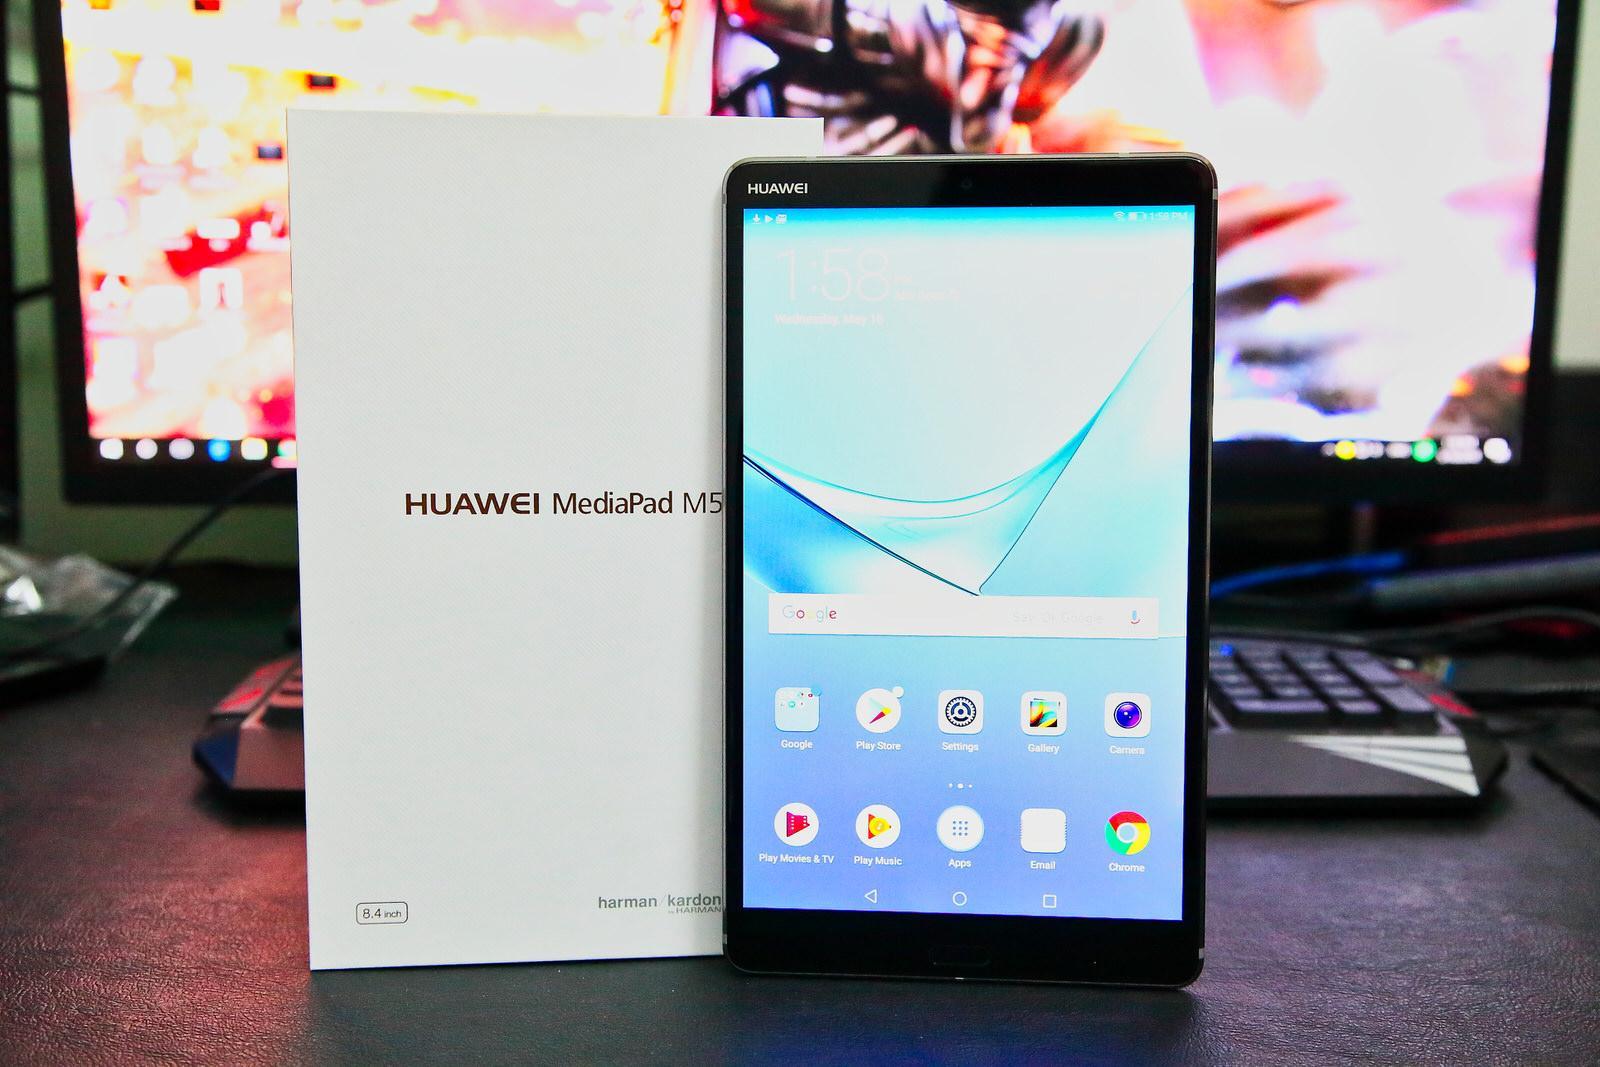 Обзор Huawei MediaPad M5 8.4 - доступный и сбалансированный планшет